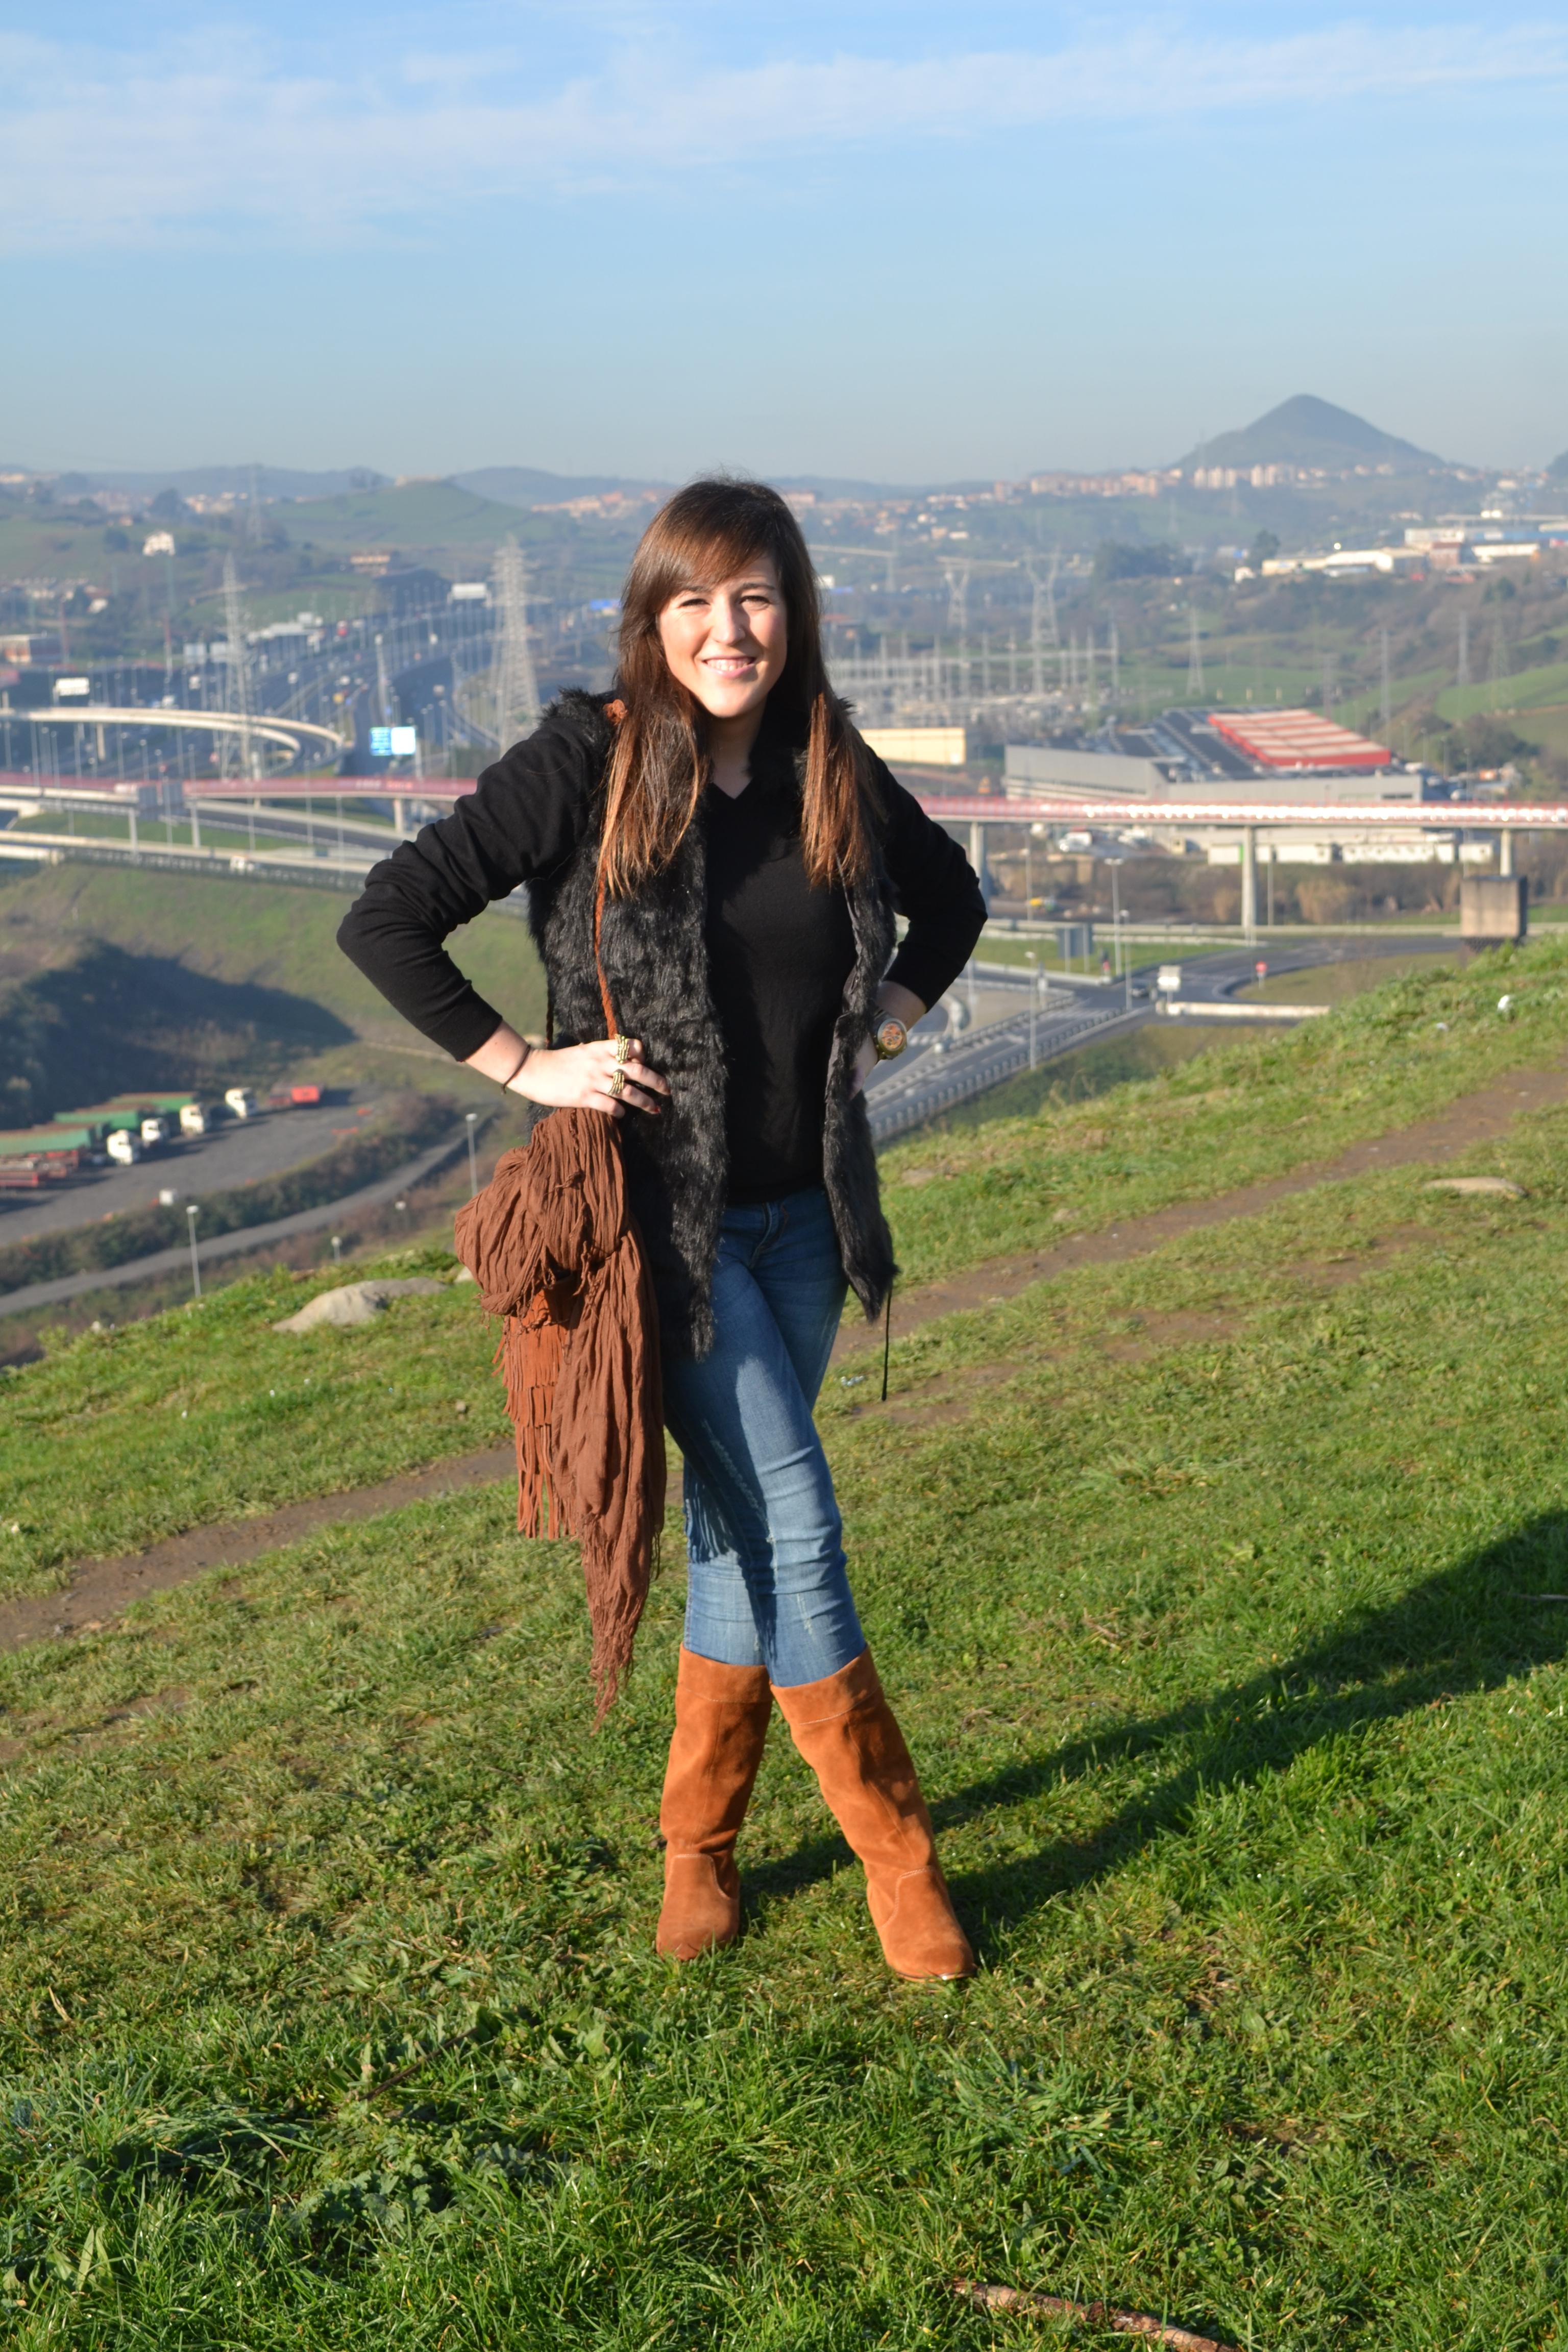 Looks diarios de bloggers y demás chicas que cuelgan en internet. - Página 3 Dsc0515qx